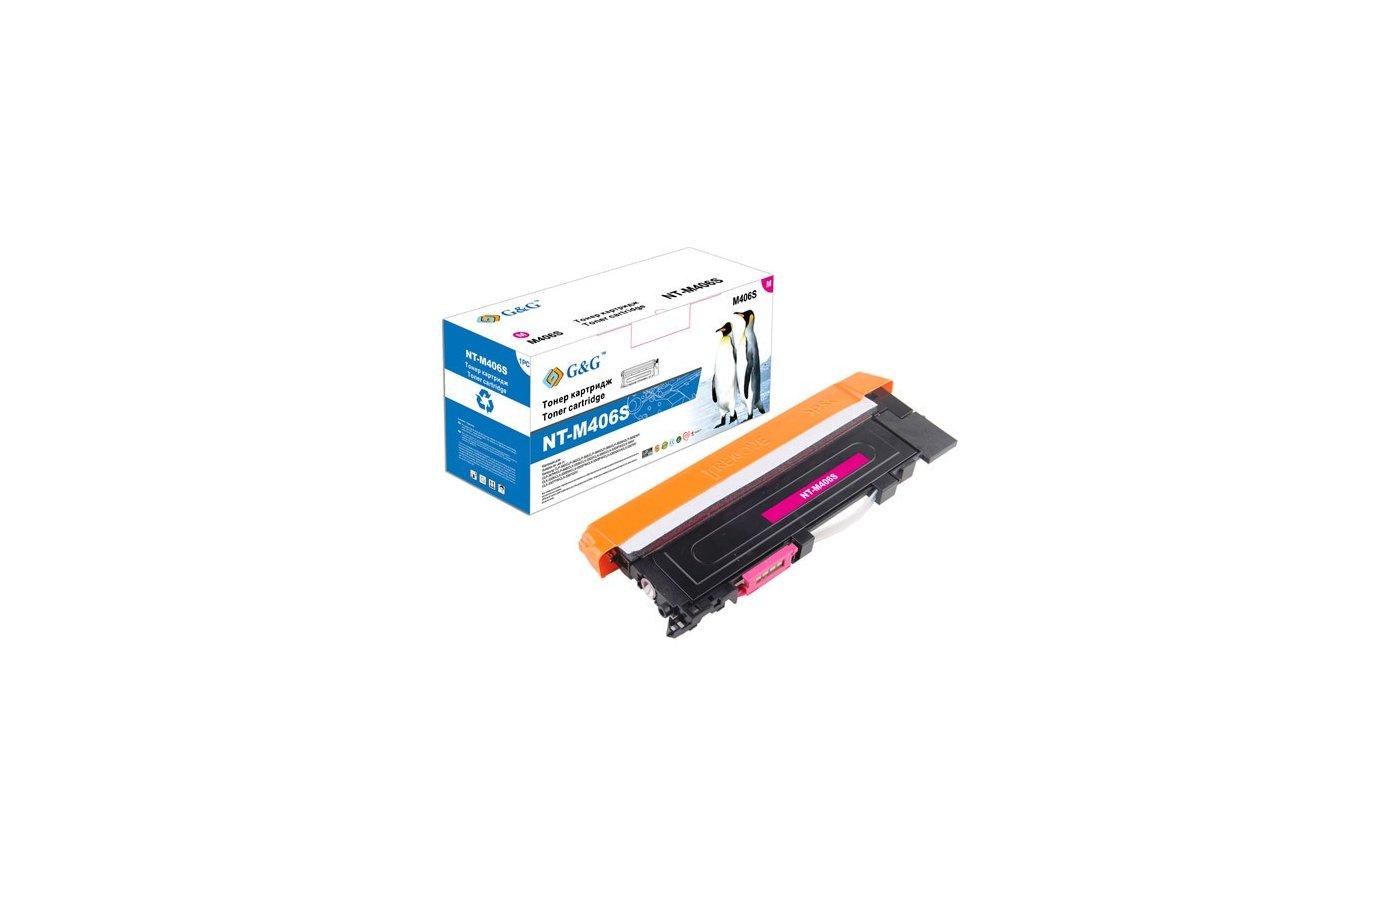 Картридж лазерный GG NT-M406S Совместимый пурпурный для Samsung для CLP-360/365 CLX-3300/3305 SL-C460 (1000стр)